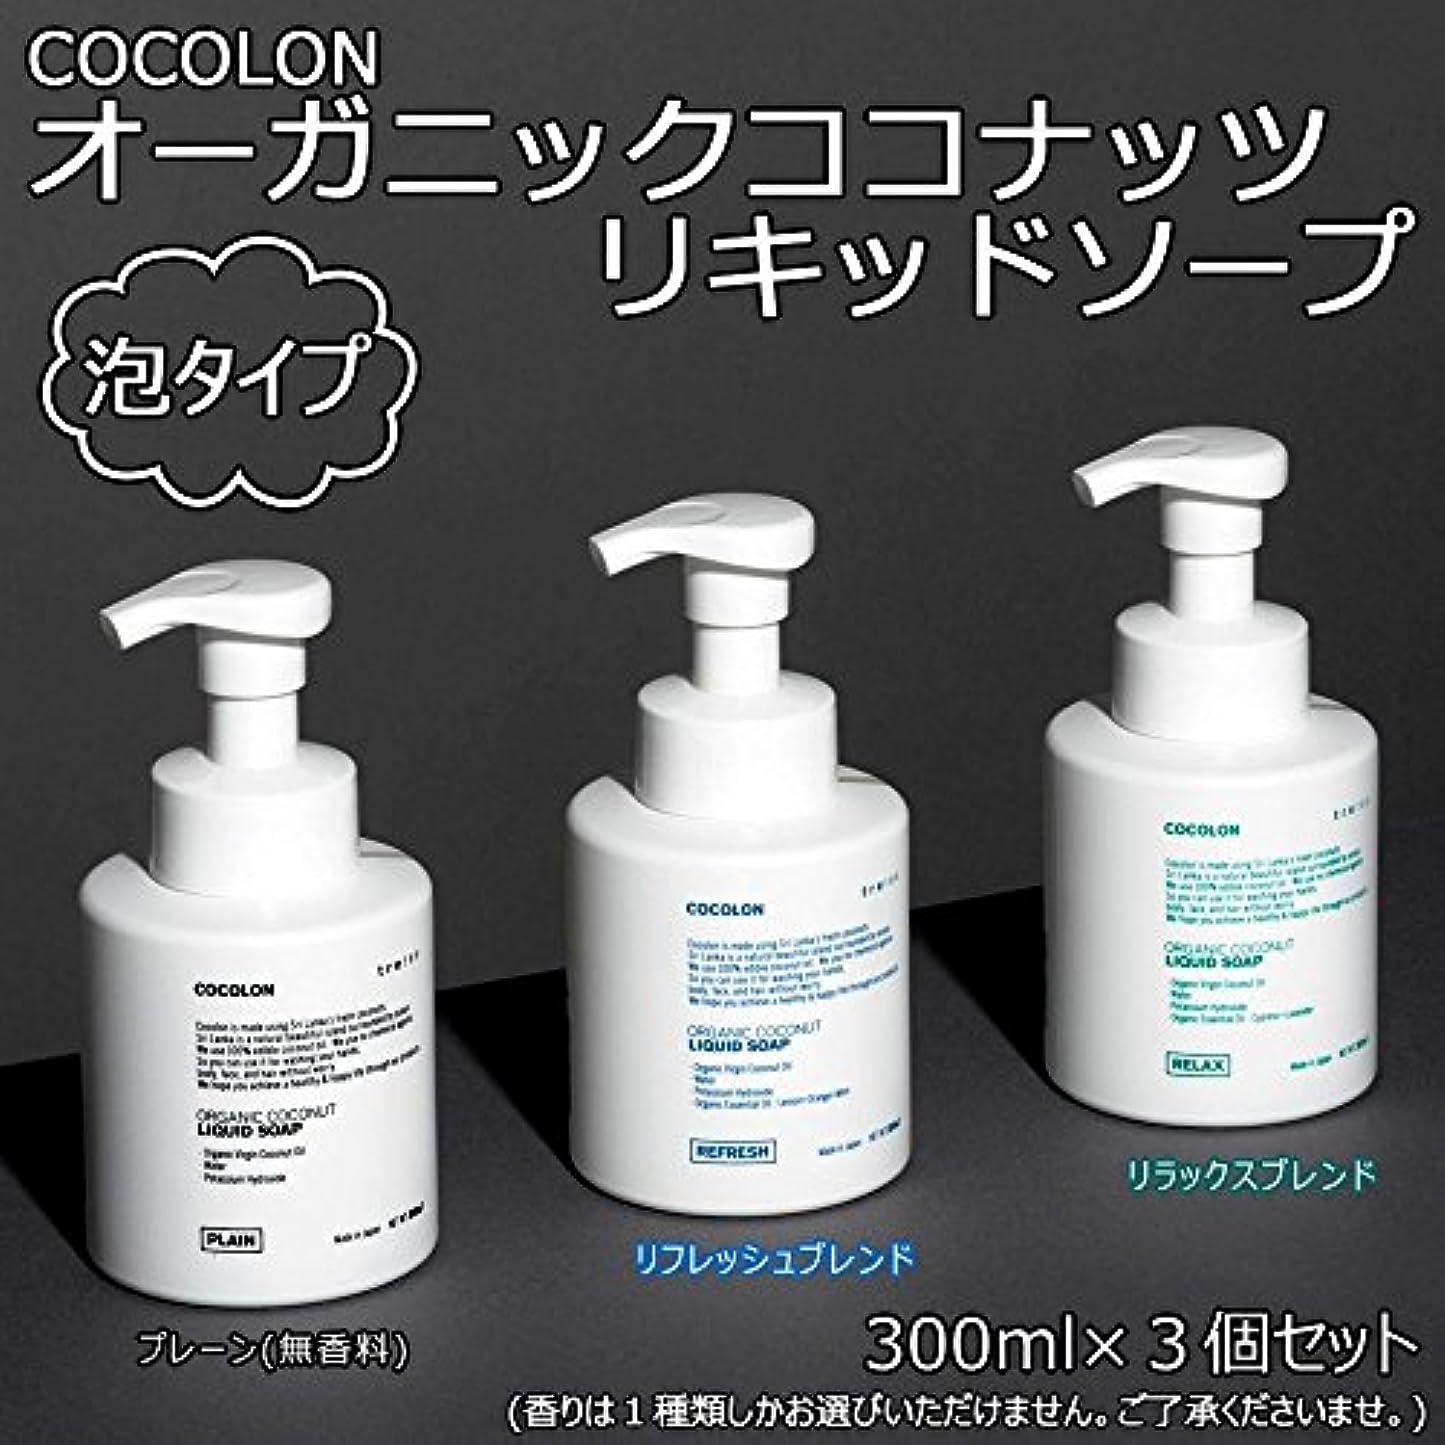 困難ひねくれたぺディカブCOCOLON ココロン オーガニックココナッツリキッドソープ 泡タイプ 300ml 3個セット【同梱?代引不可】 ■3種類の内「リフレッシュブレンド」のみです